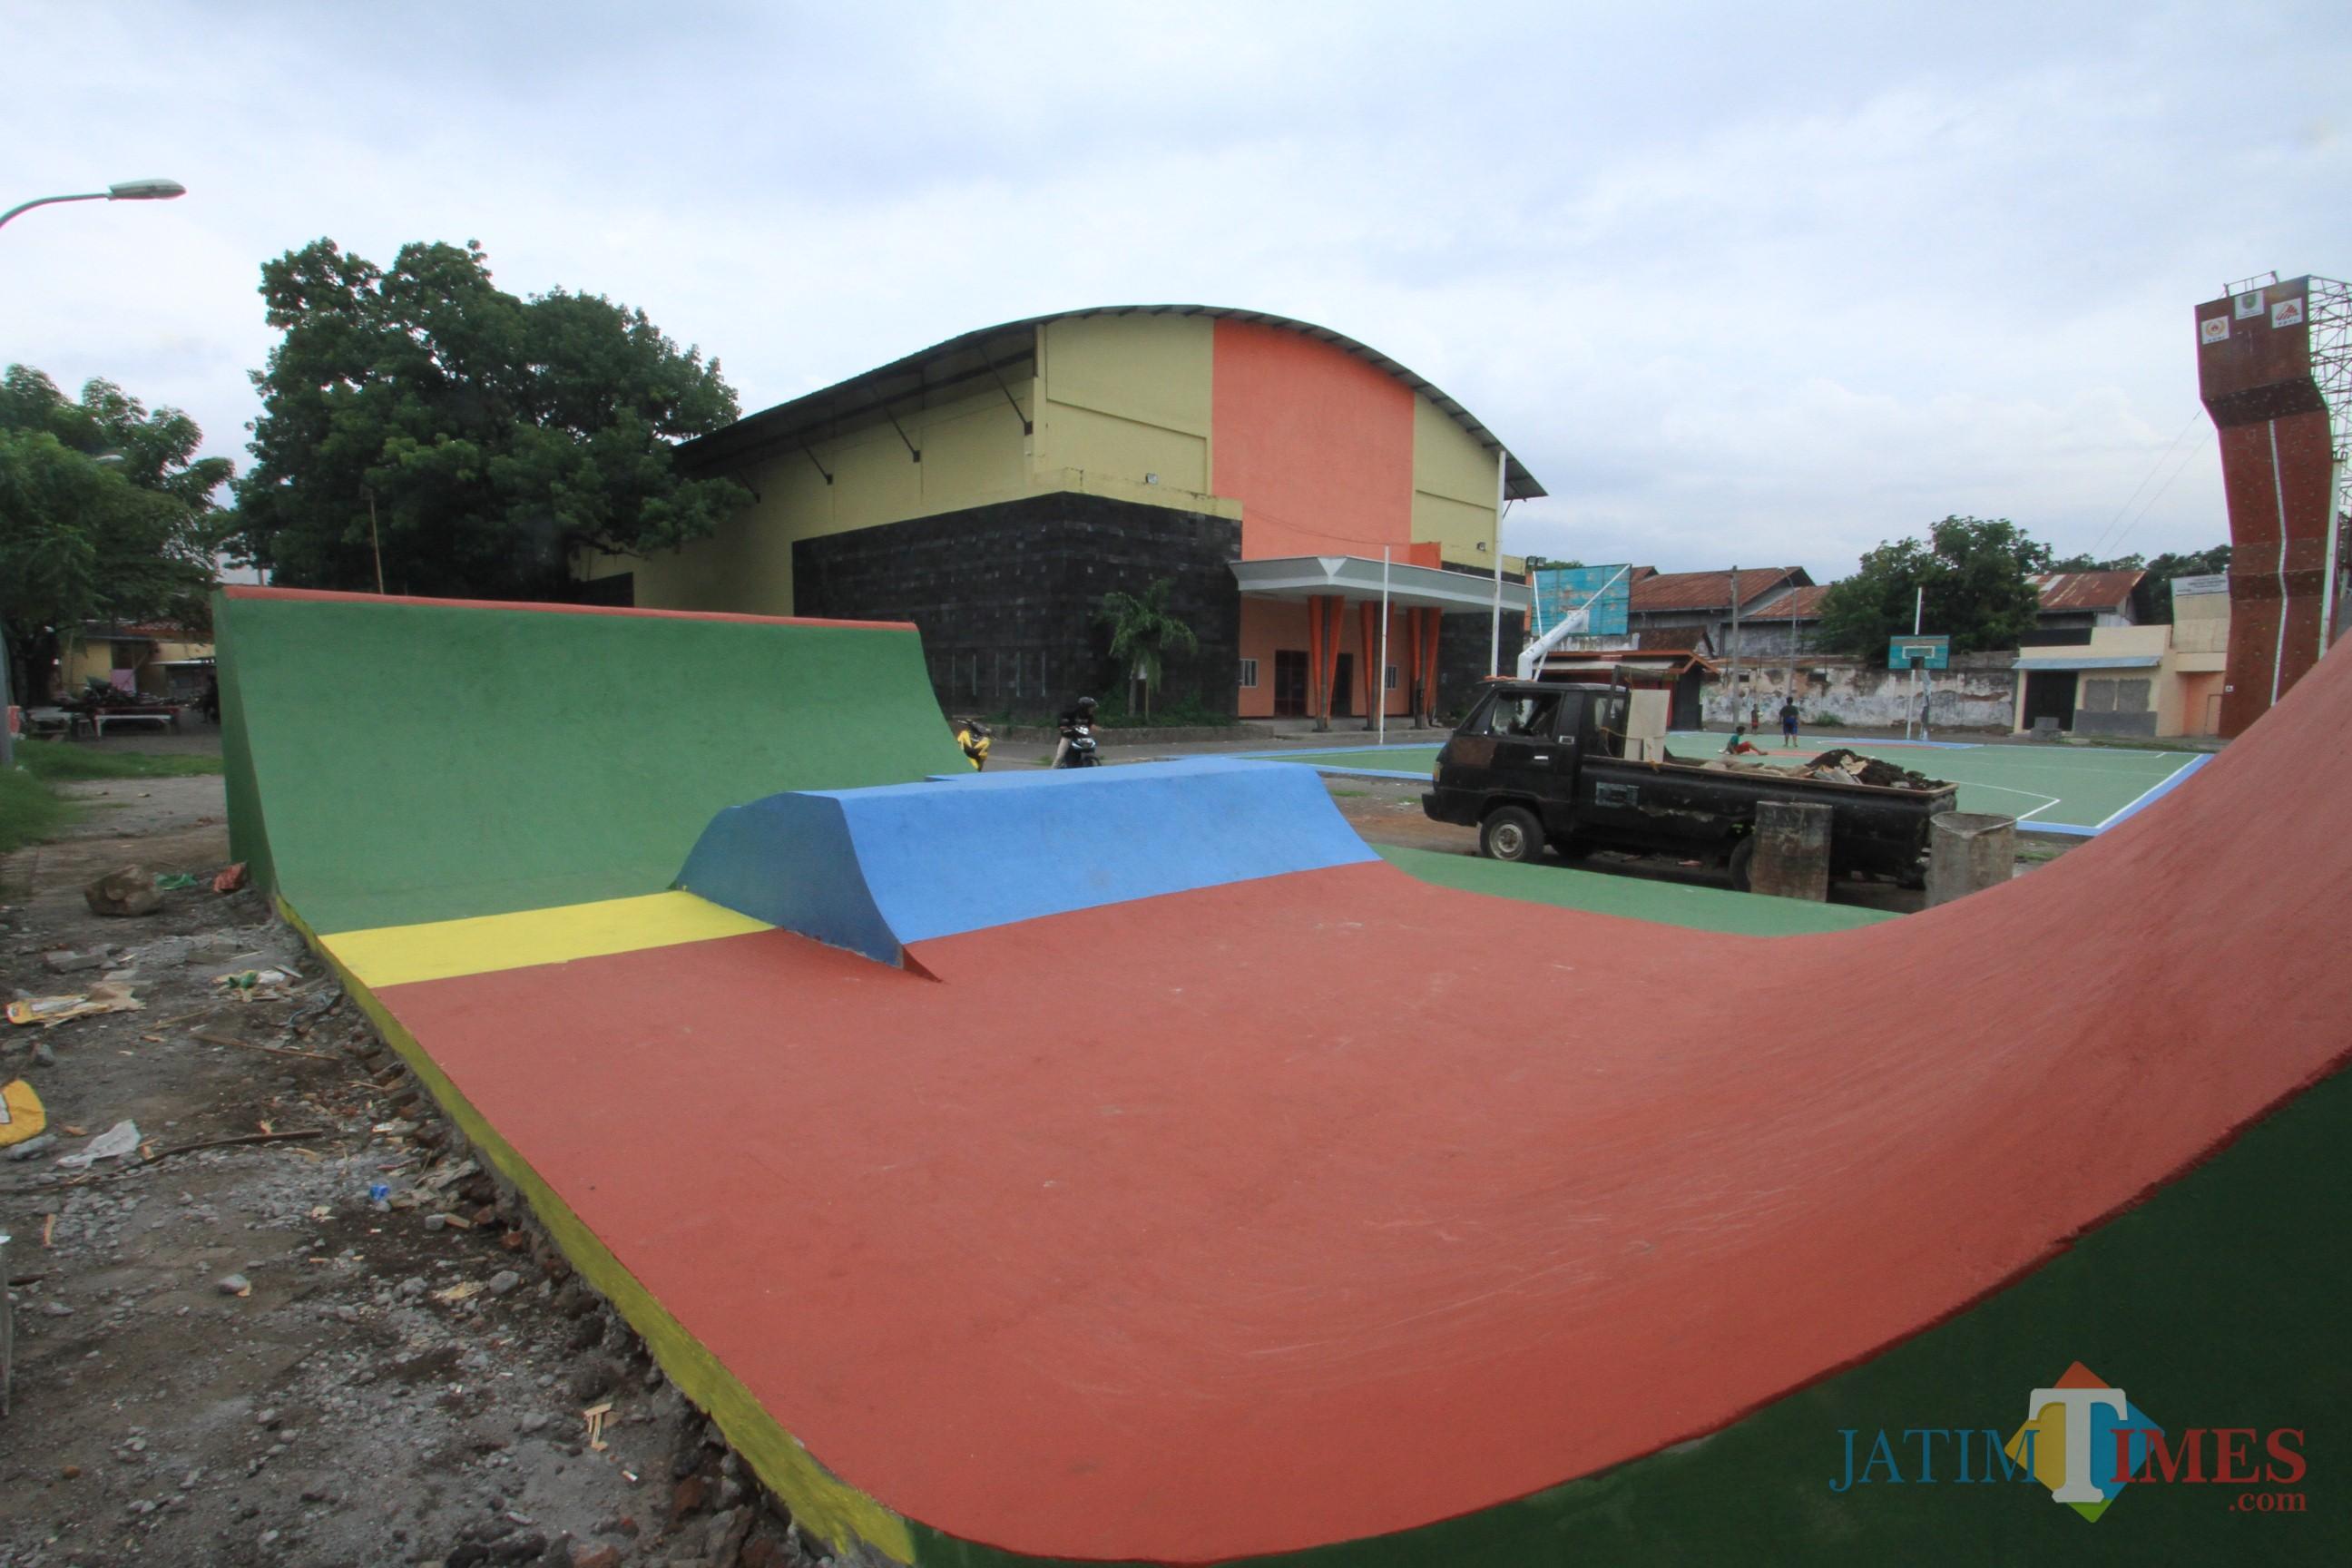 Inilah Skatepark yang dikeluhkan komunitas skateboard Kota Probolinggo (Agus Salam/Jatim TIMES)